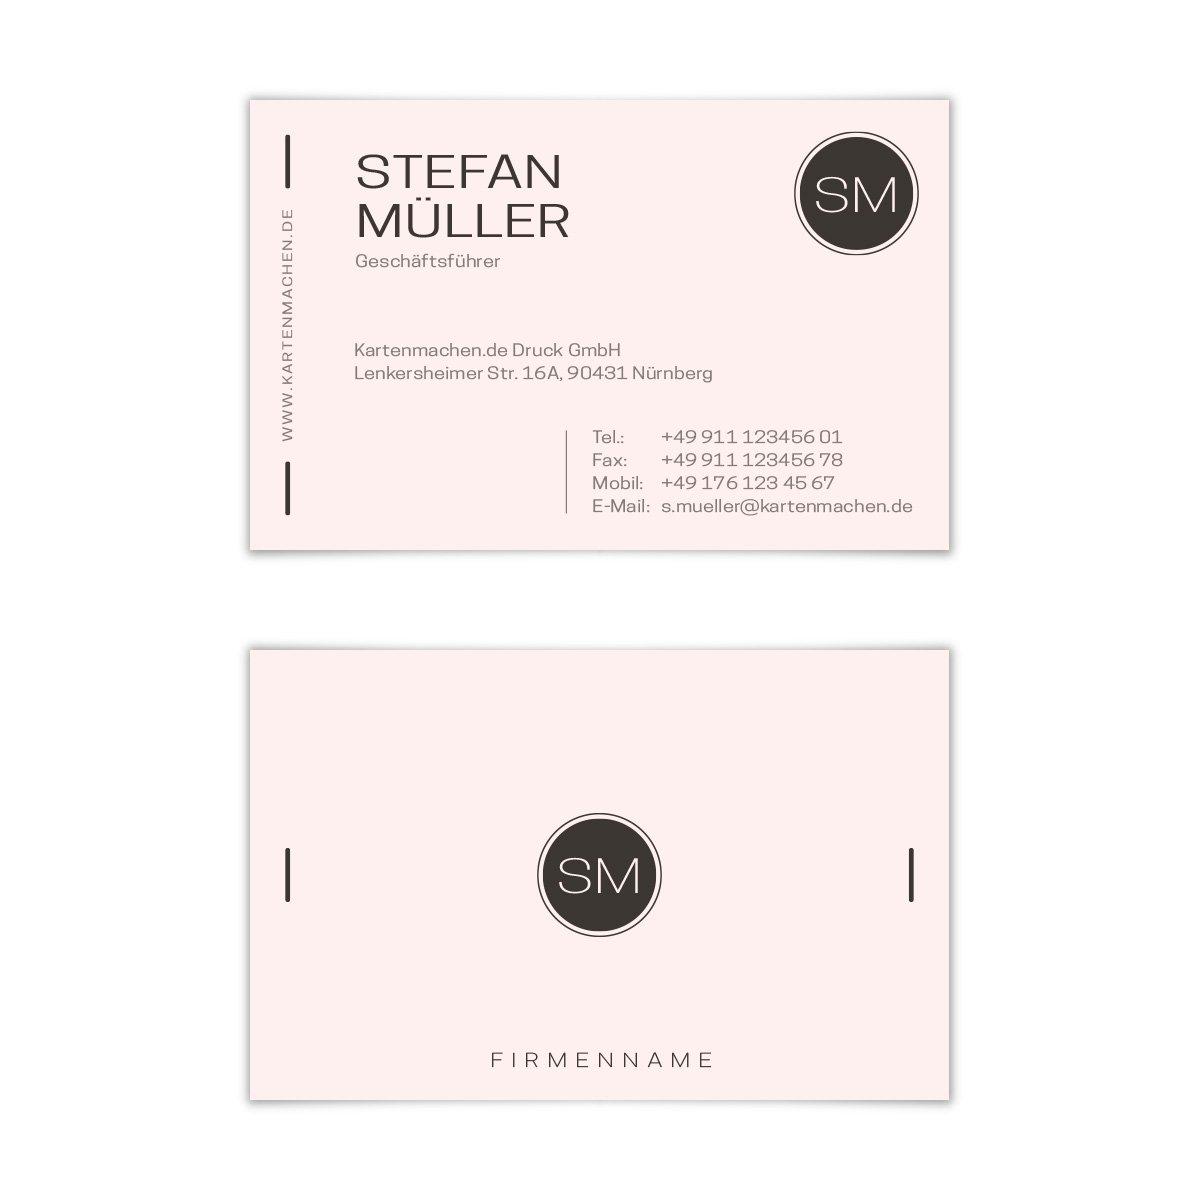 500 x Visitenkarten individuell Business Karten 300g qm 85 x 55 mm - Modern Minimal B07F77TN8J | Verschiedene Waren  | Konzentrieren Sie sich auf das Babyleben  | Eleganter Stil